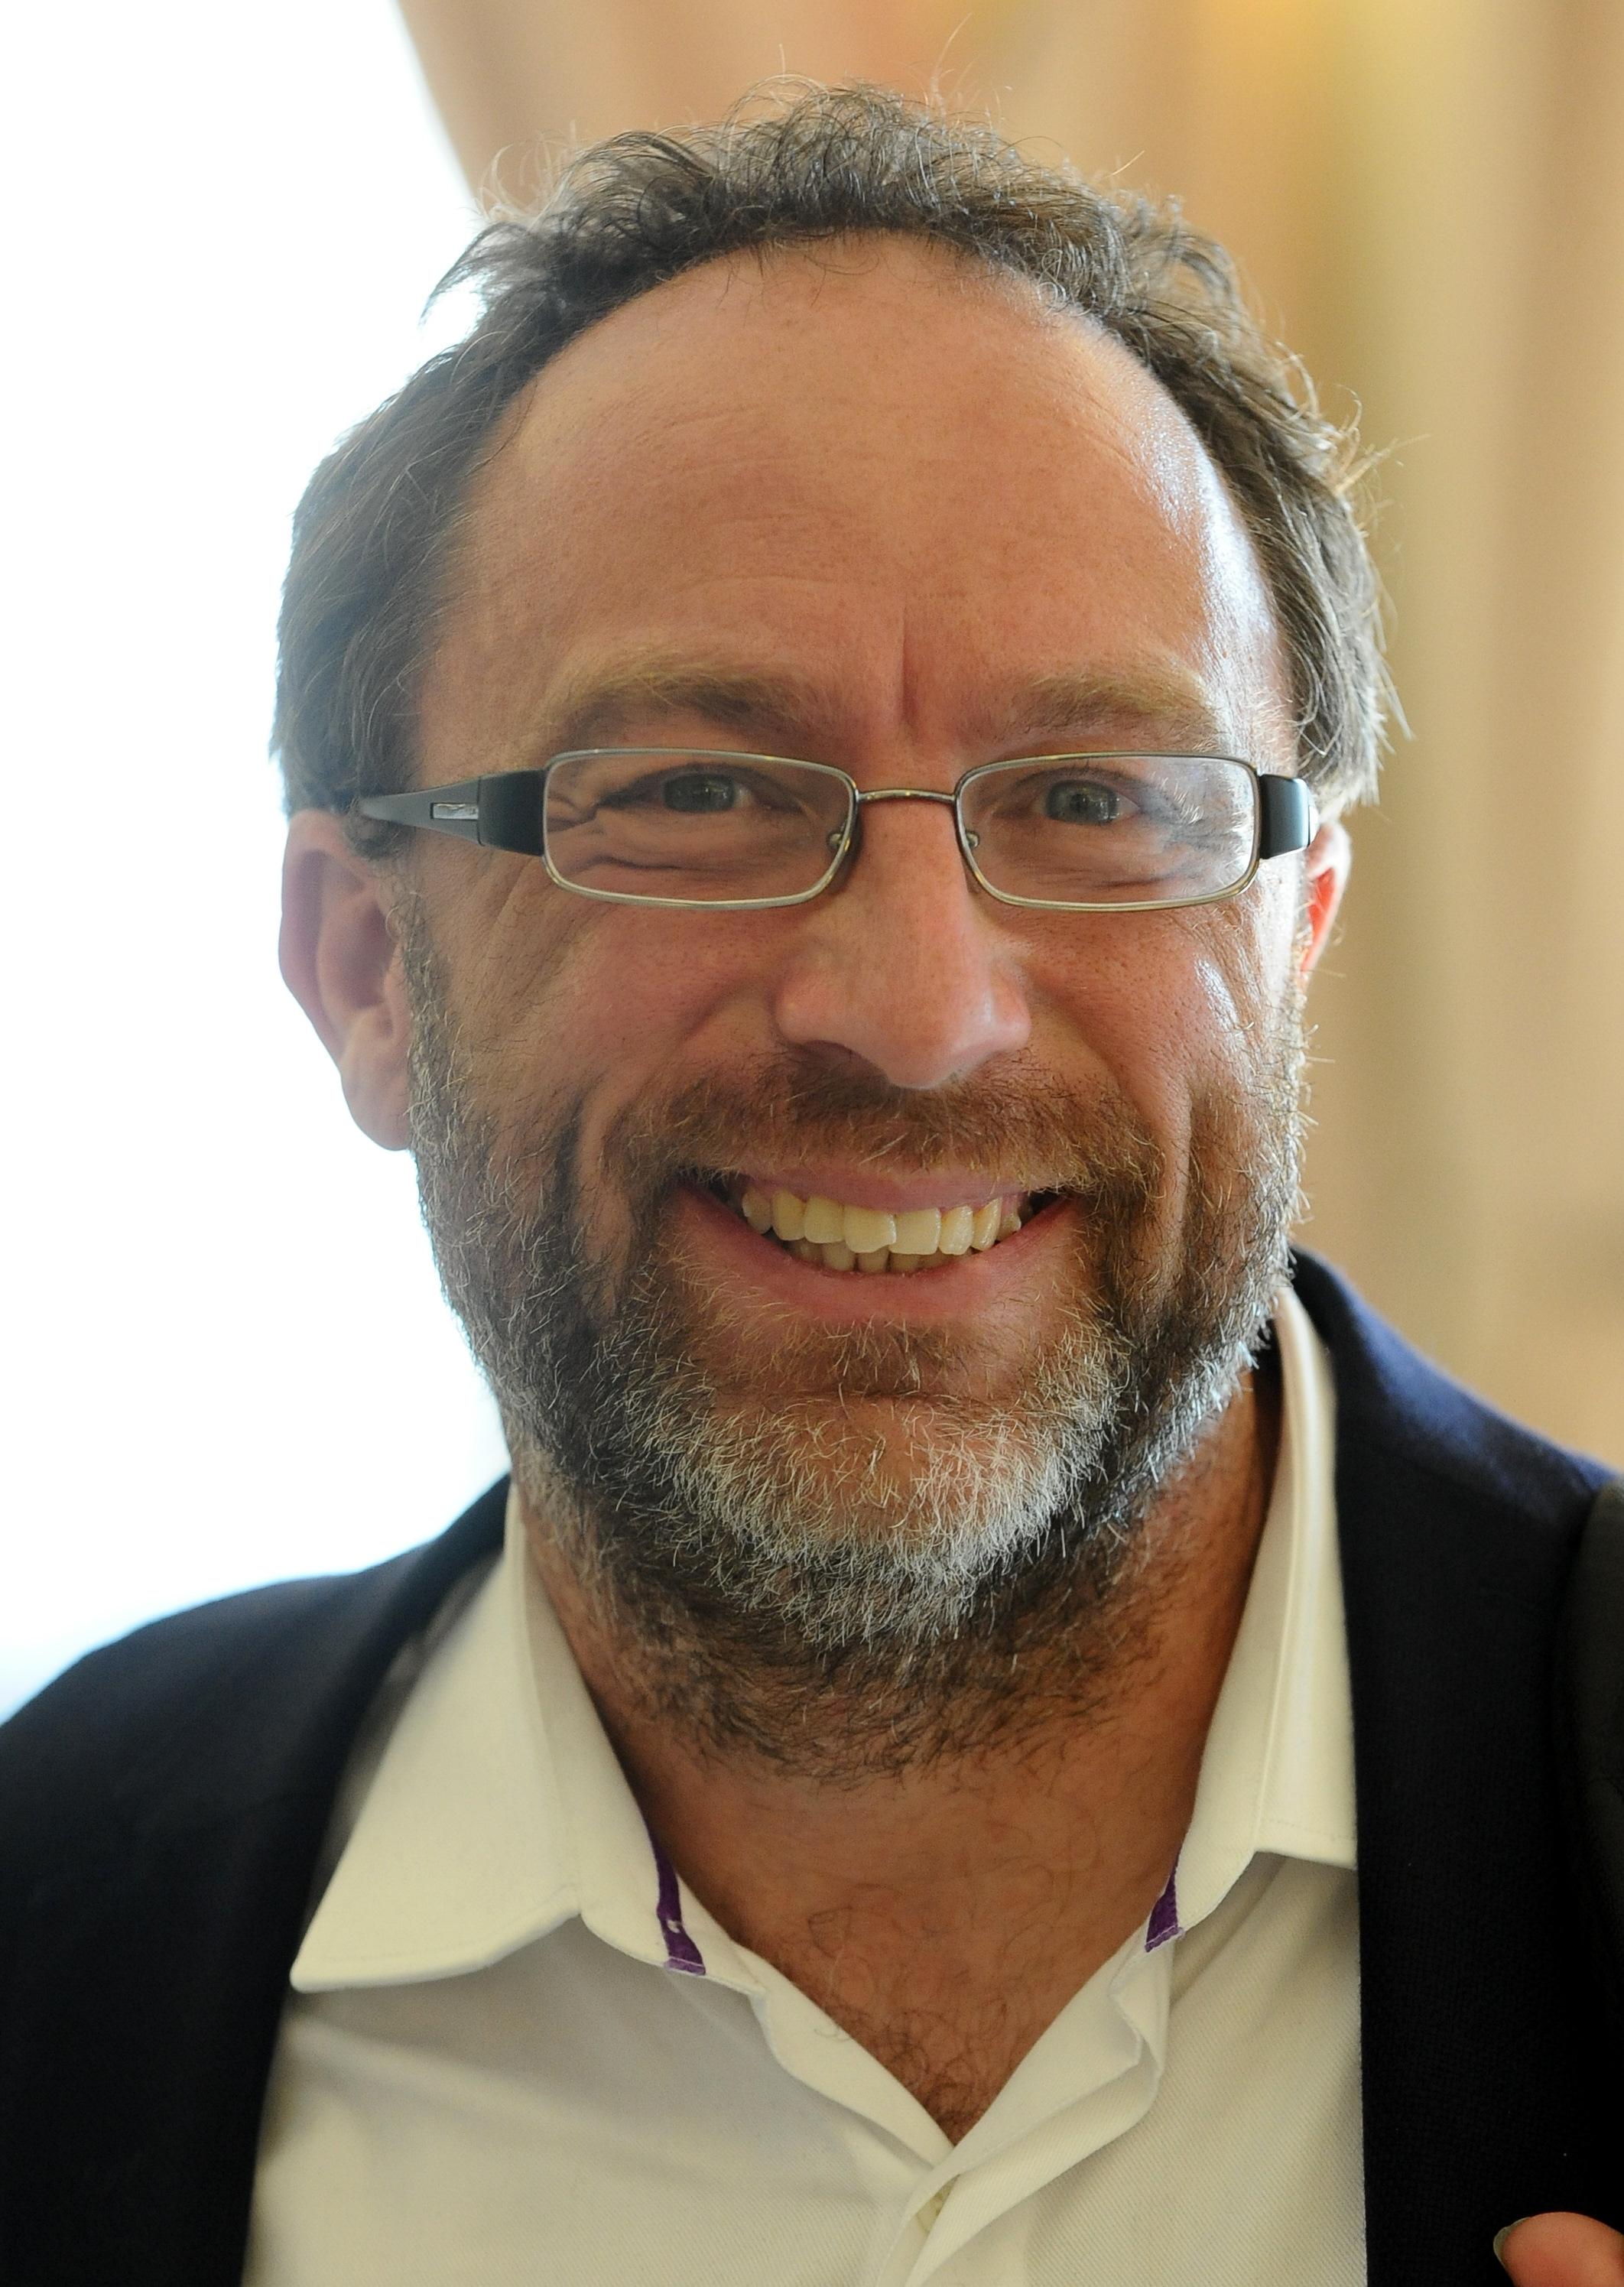 Veja o que saiu no Migalhas sobre Jimmy Wales